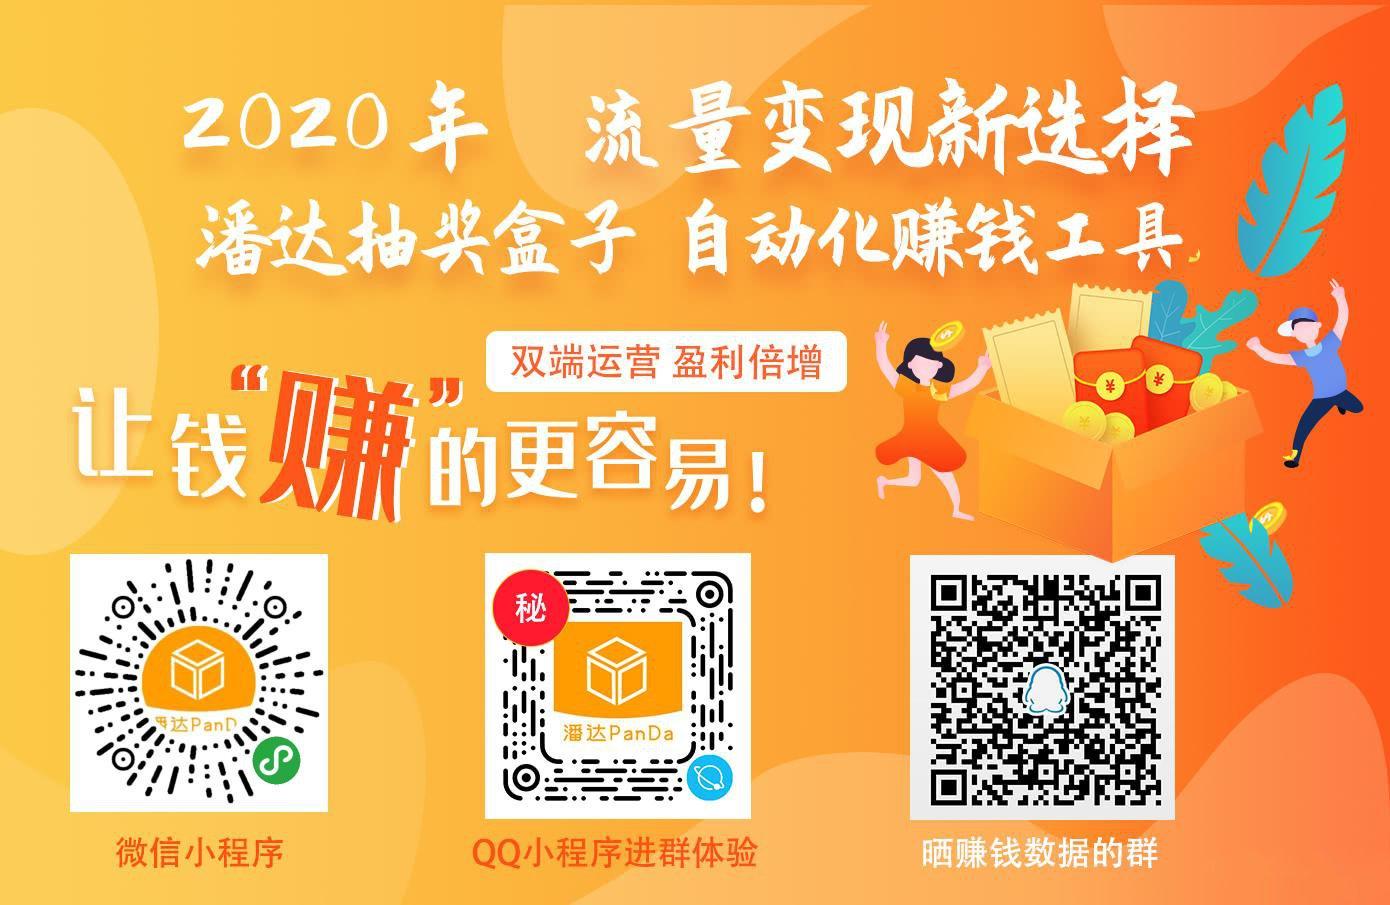 微信小程序熊猫抽奖盒子panda_luckybox3.3.1多开版